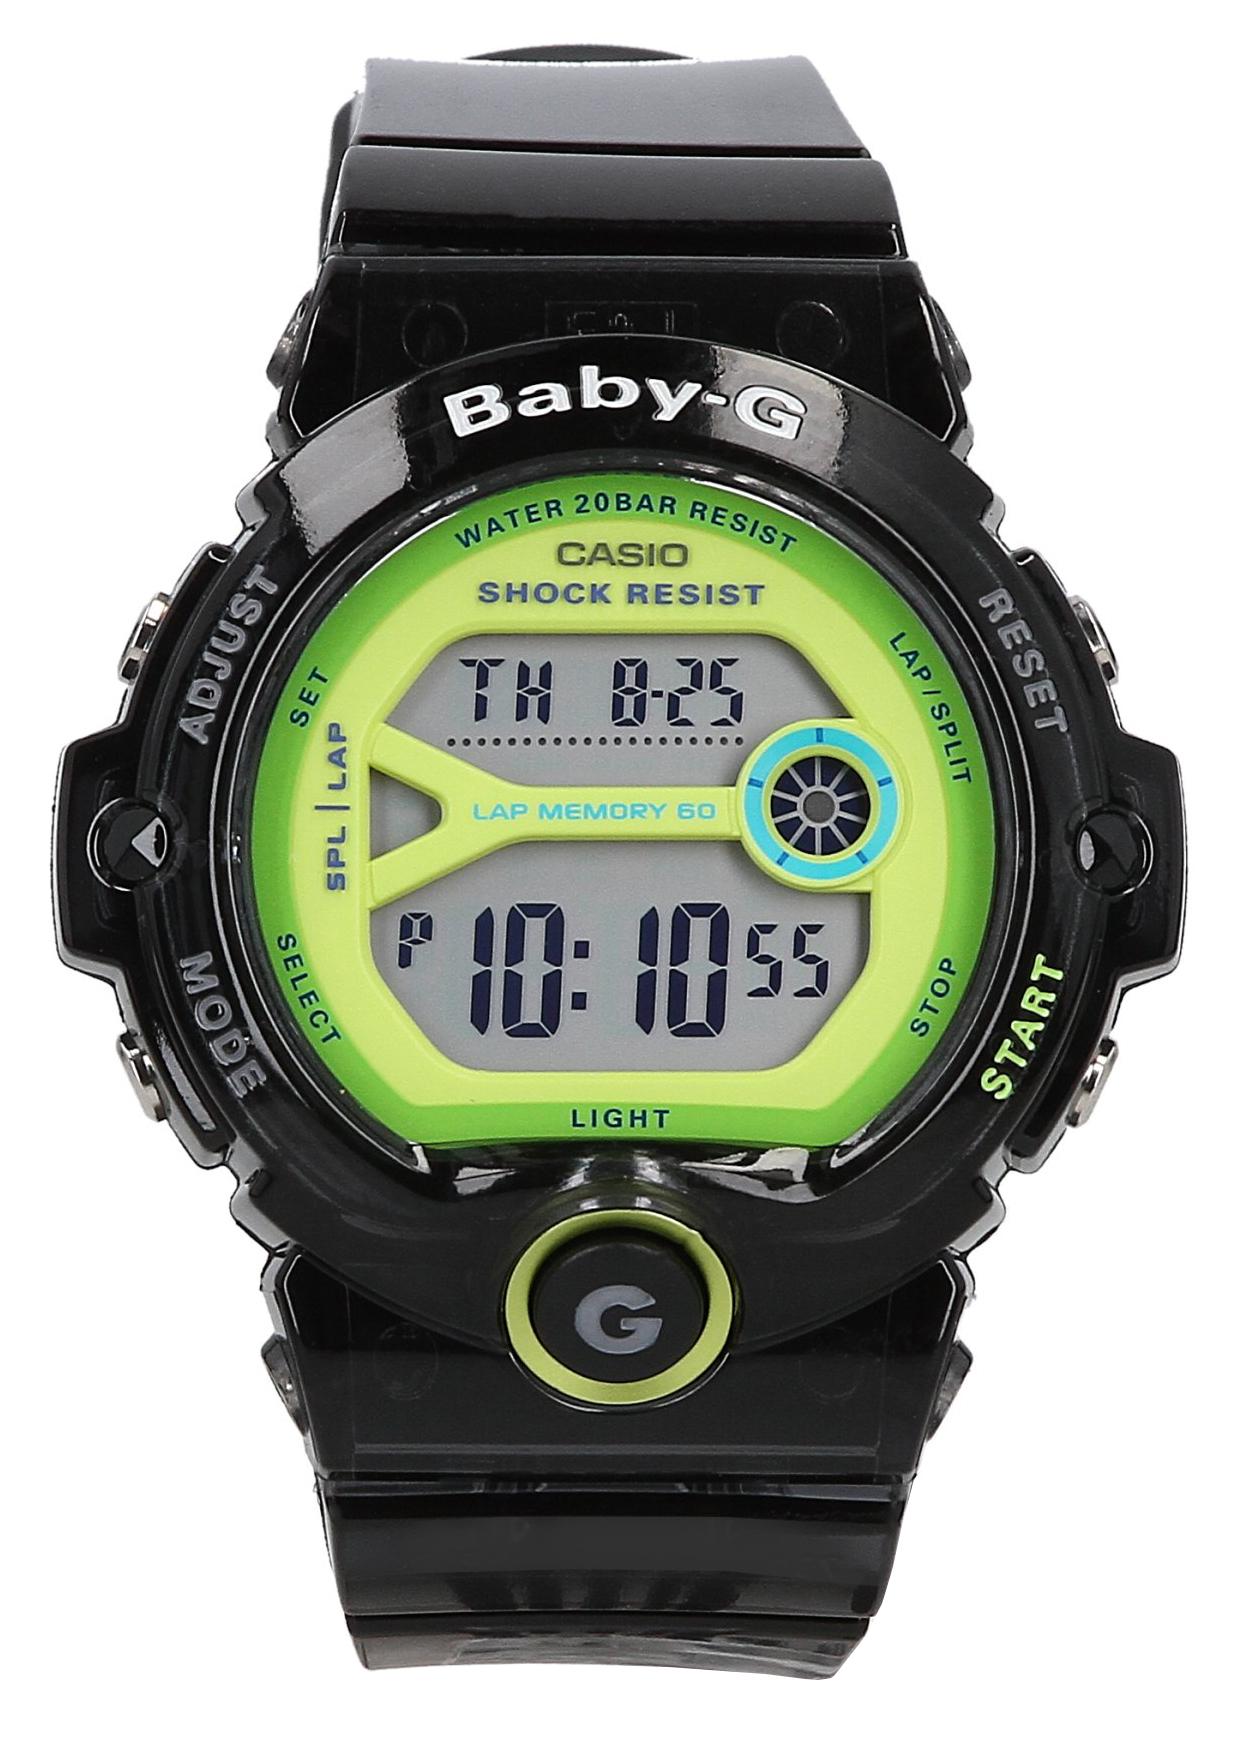 Zegarek damski CASIO BABY-G BG-6903-1BER czarny